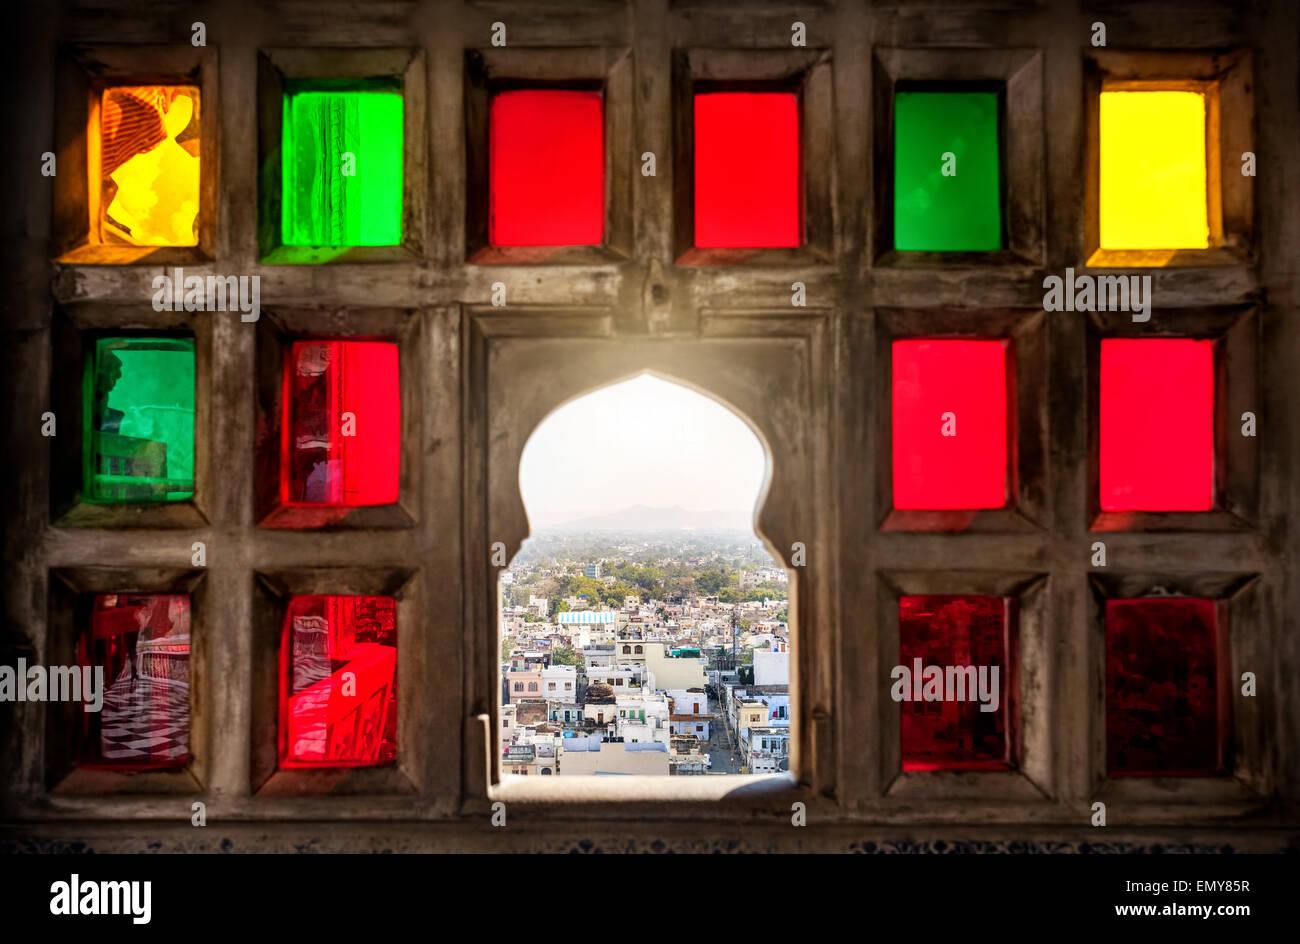 La ville de la mosaïque colorée dans la fenêtre du Palais de la ville d'Udaipur, Rajasthan, Inde Banque D'Images